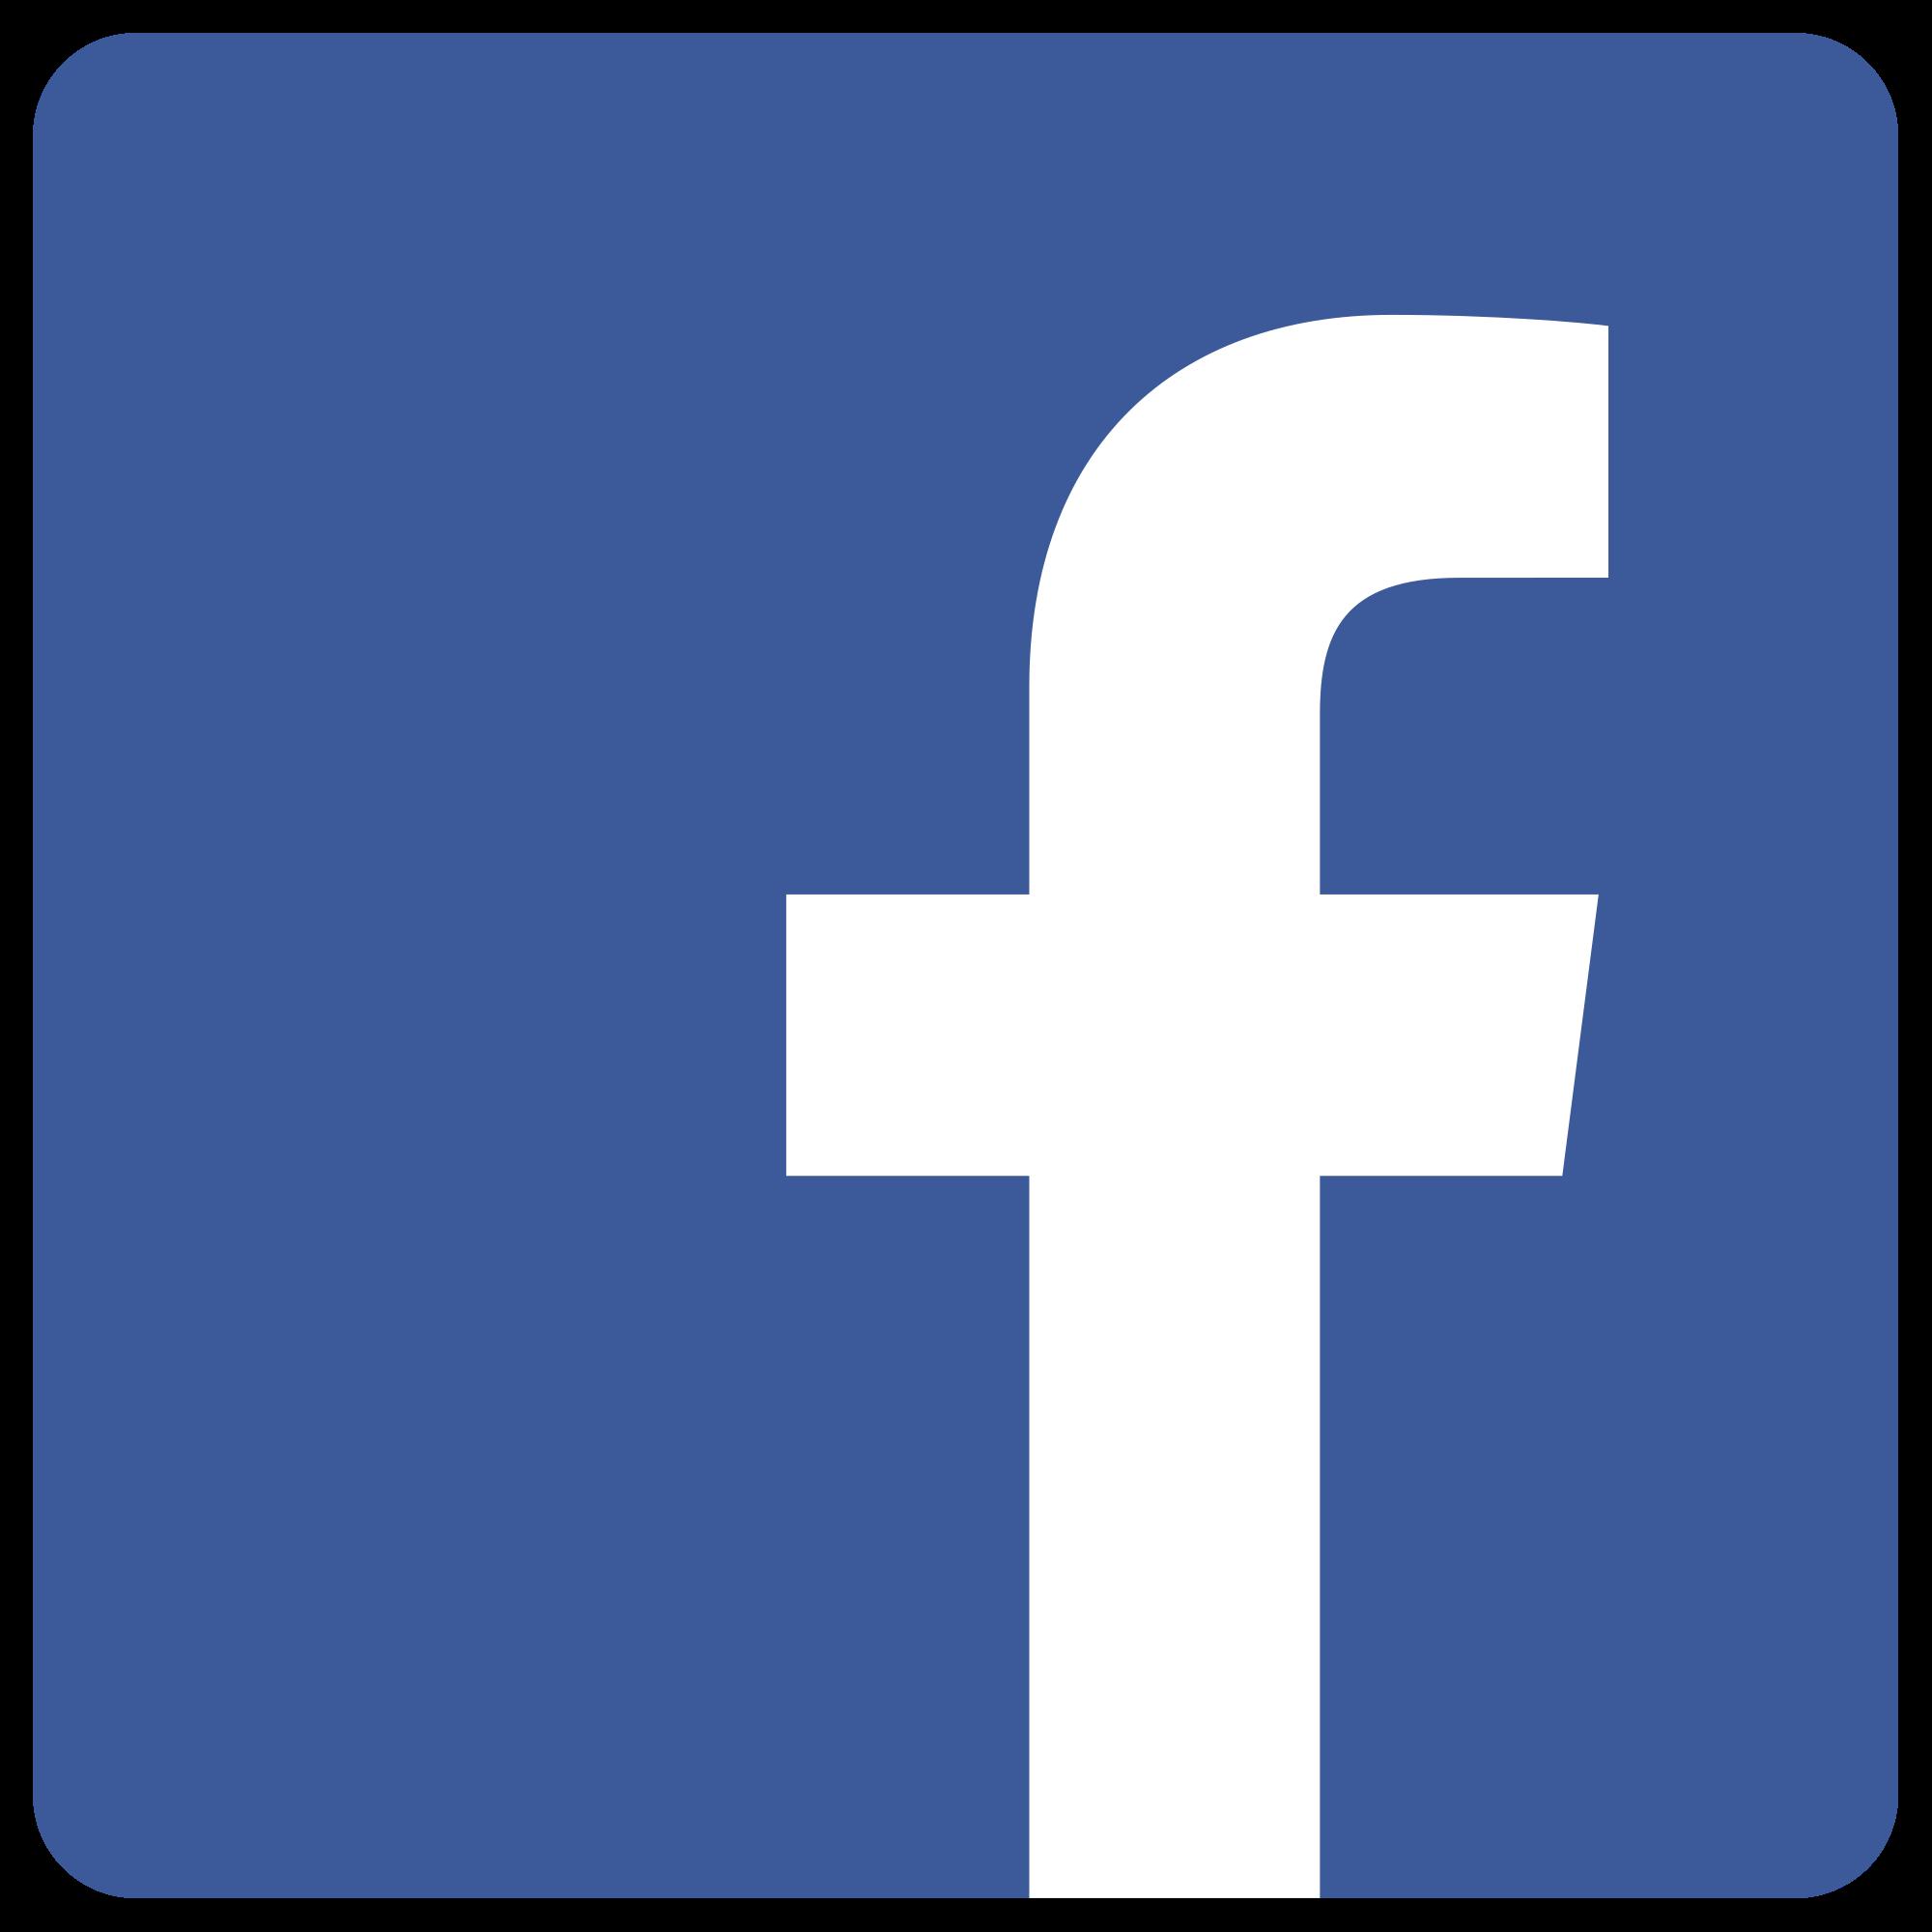 Facebook Medal